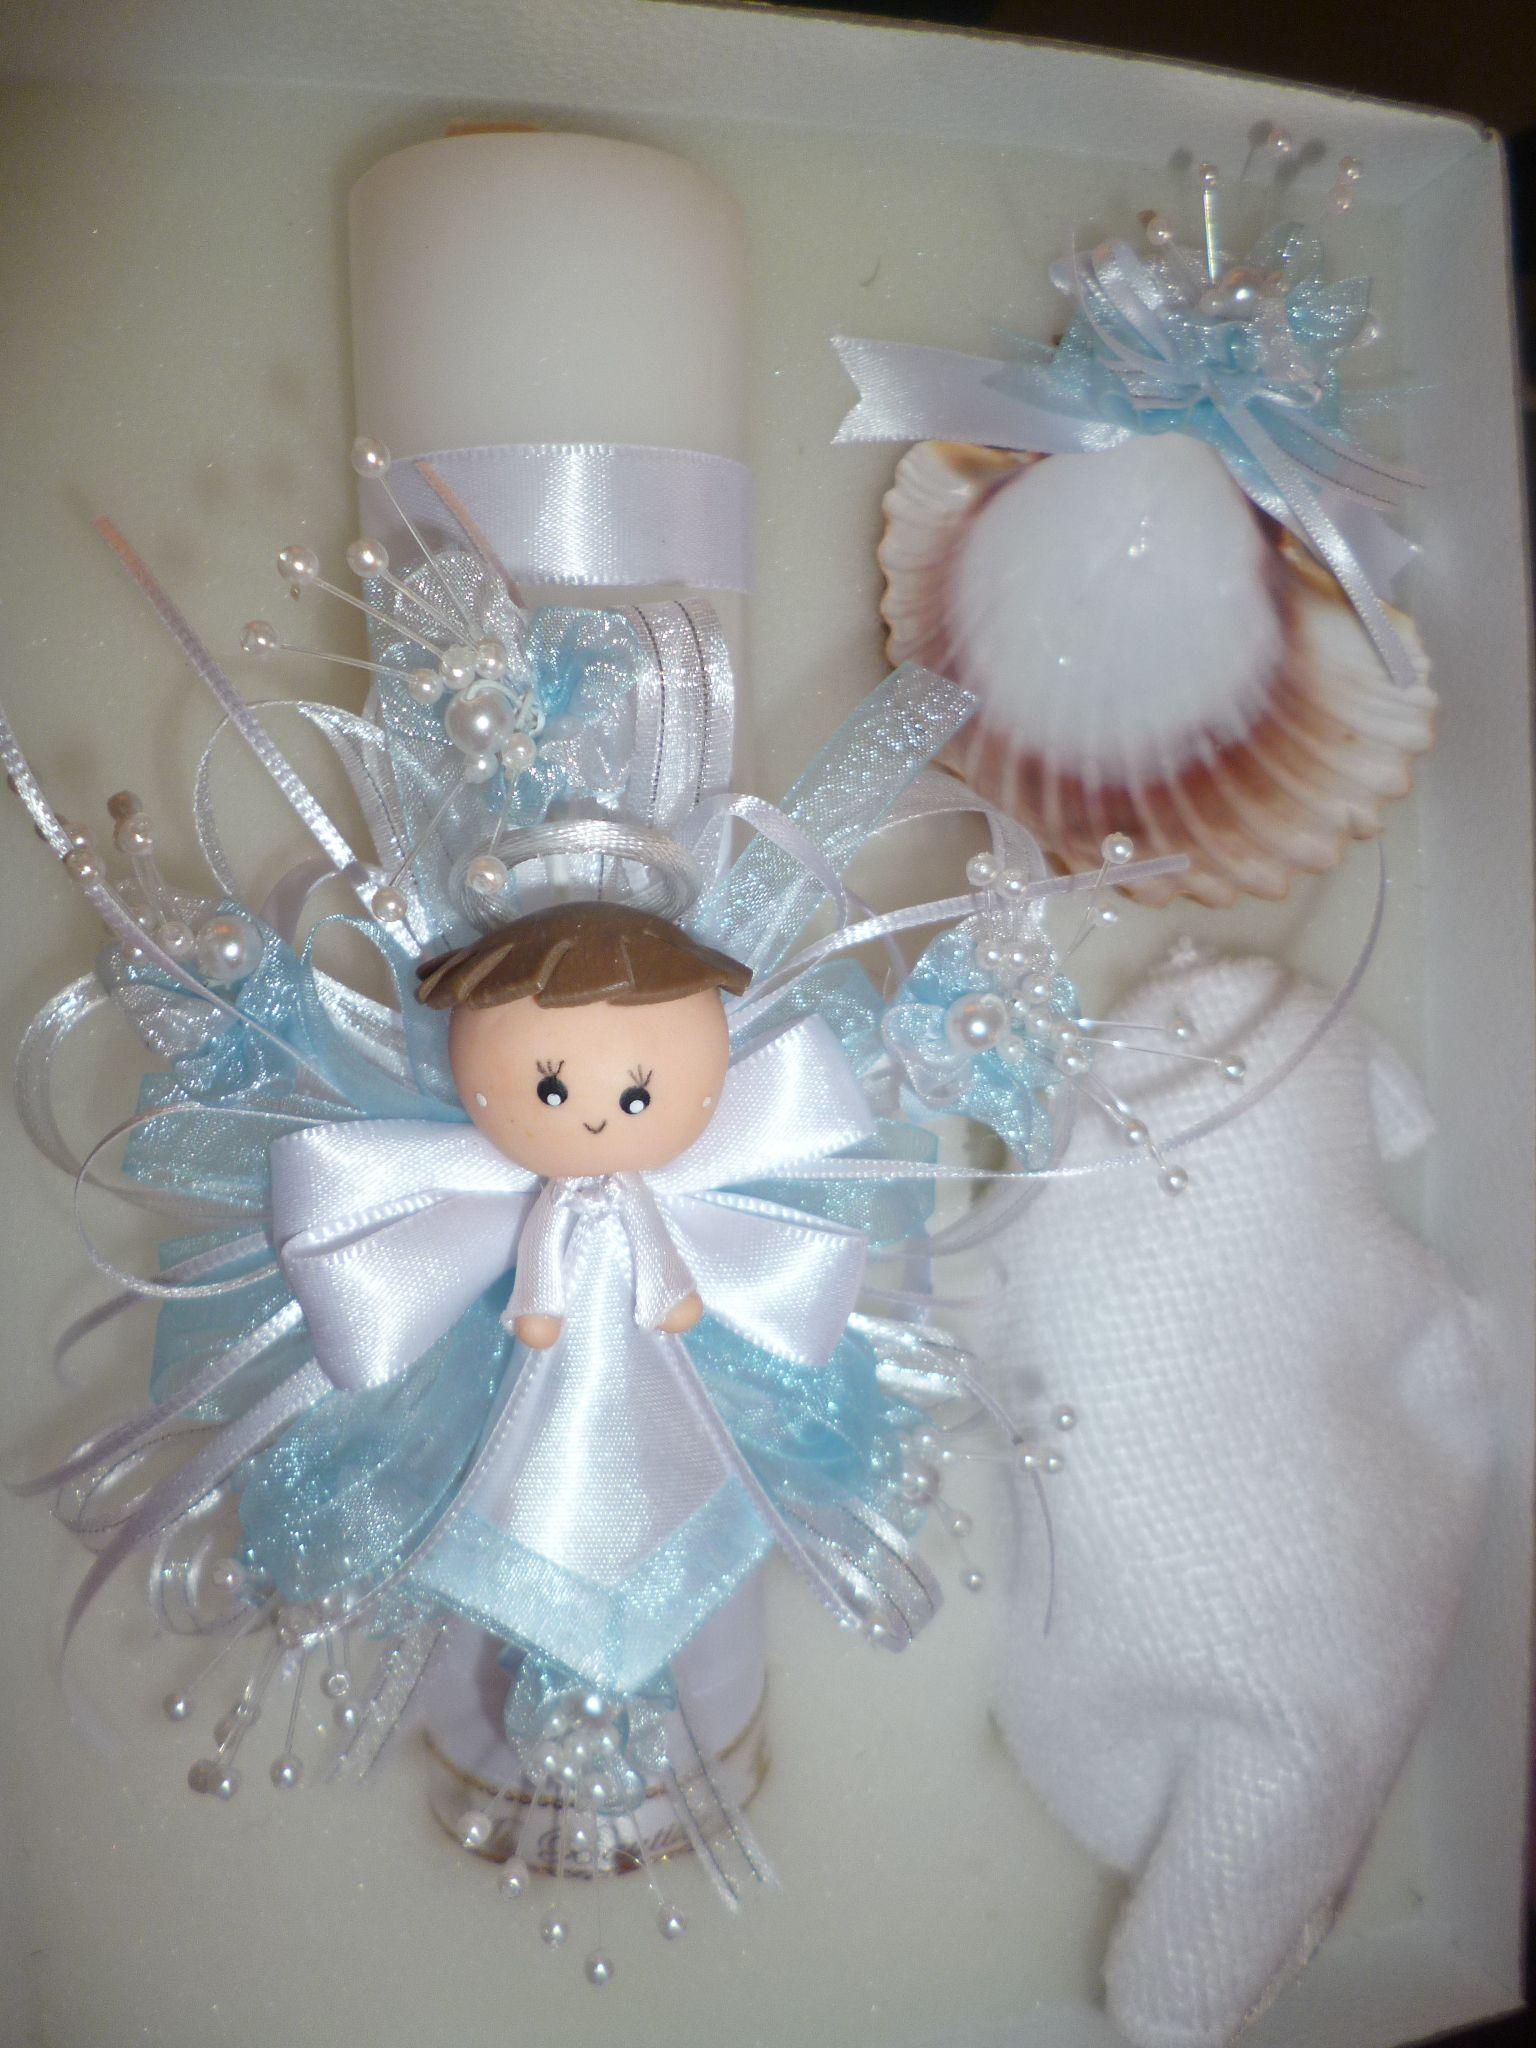 Vela bautizo velas de bautizo ni o pinterest velas - Velas decoradas para bautizo ...